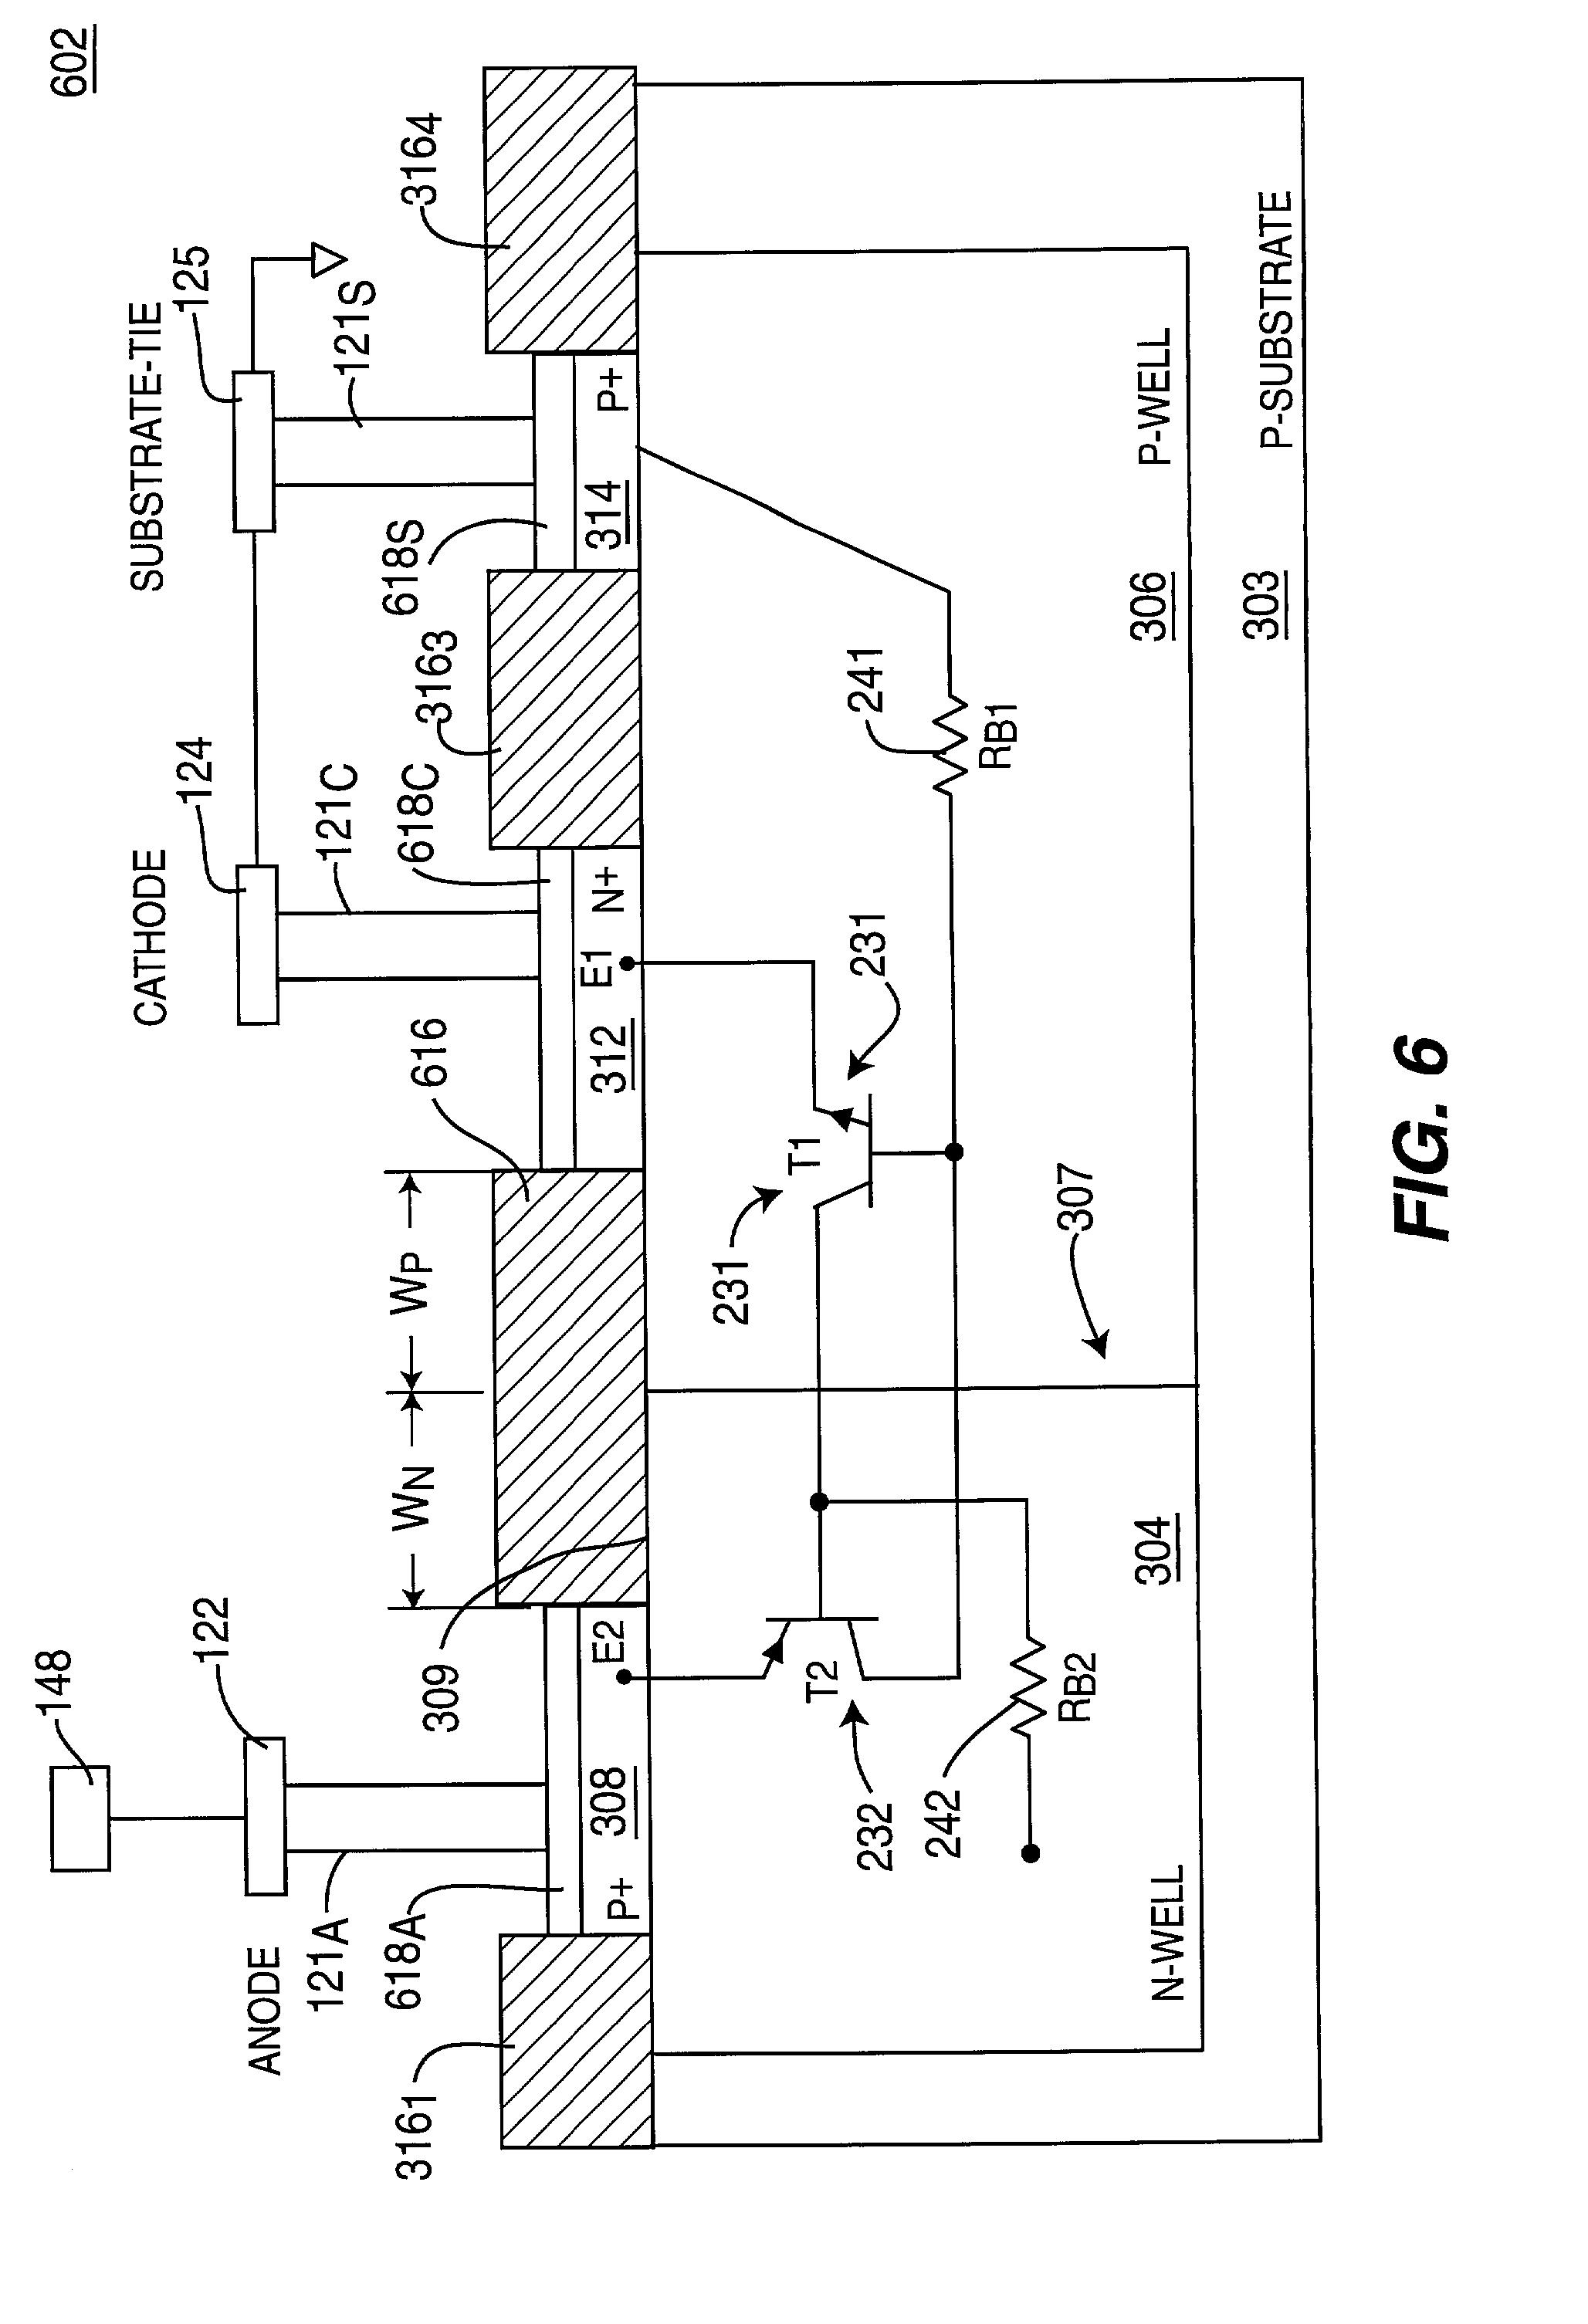 patent us20020053704